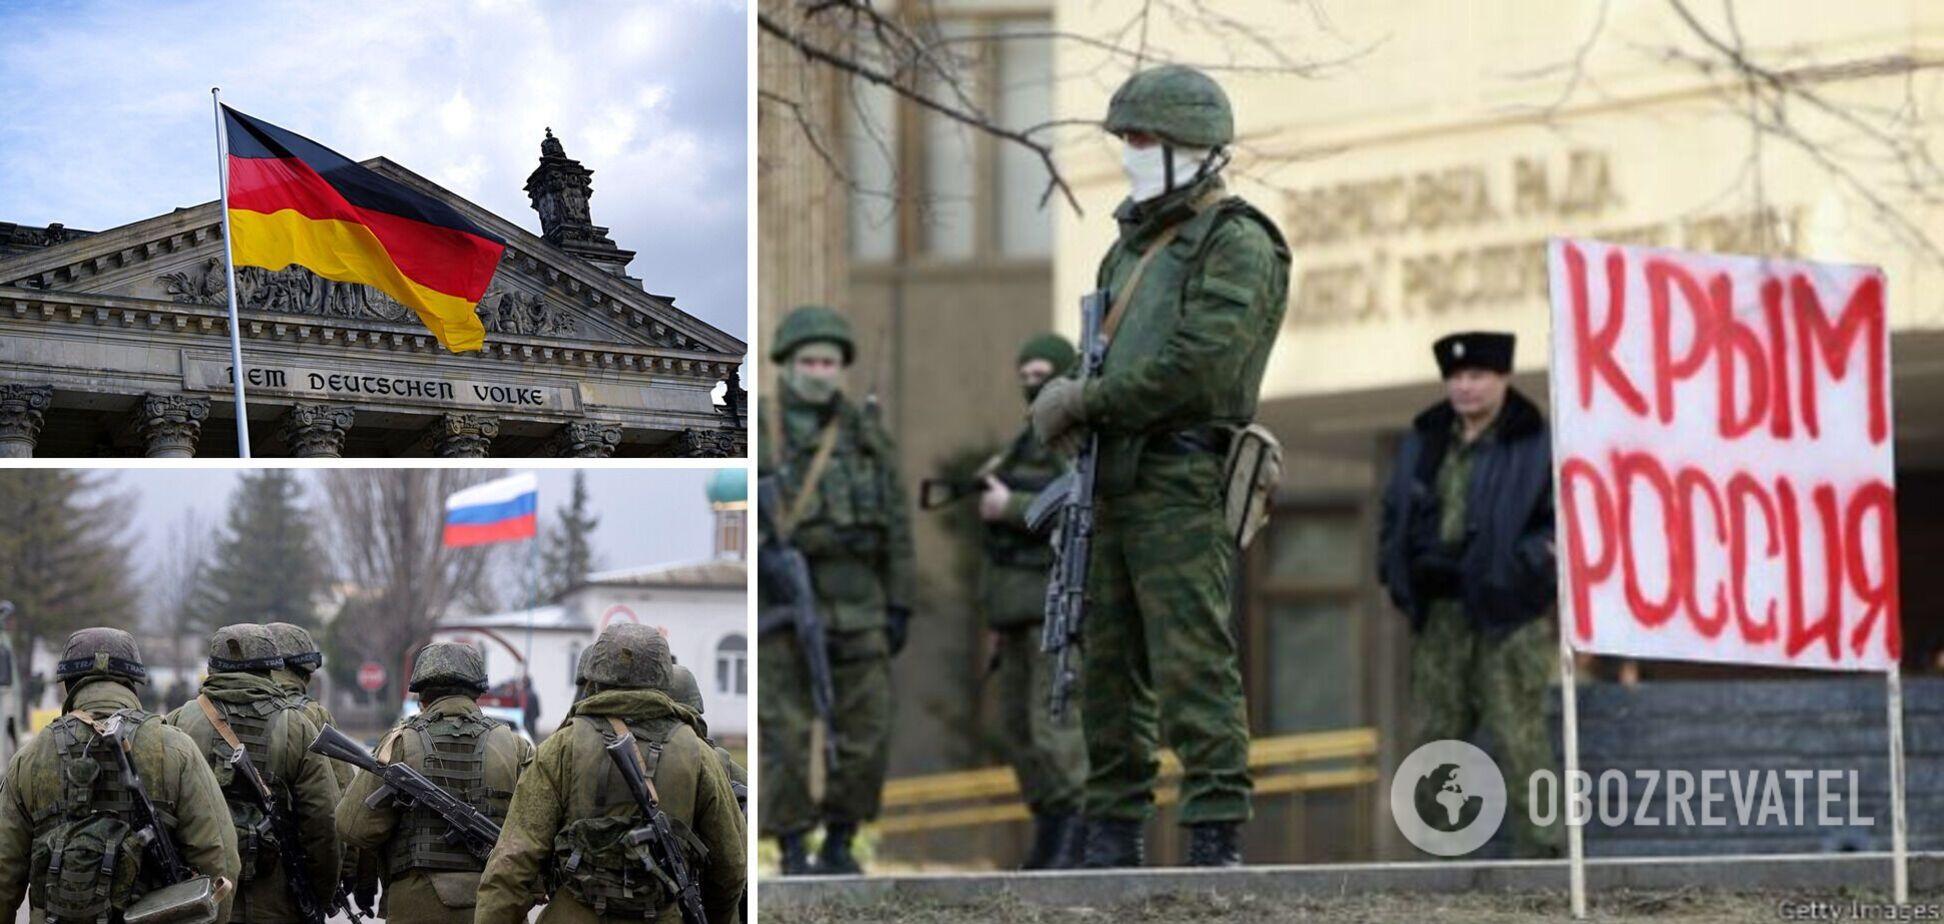 Посол України назвав моральним обов'язком Німеччини звільнення Криму від окупантів